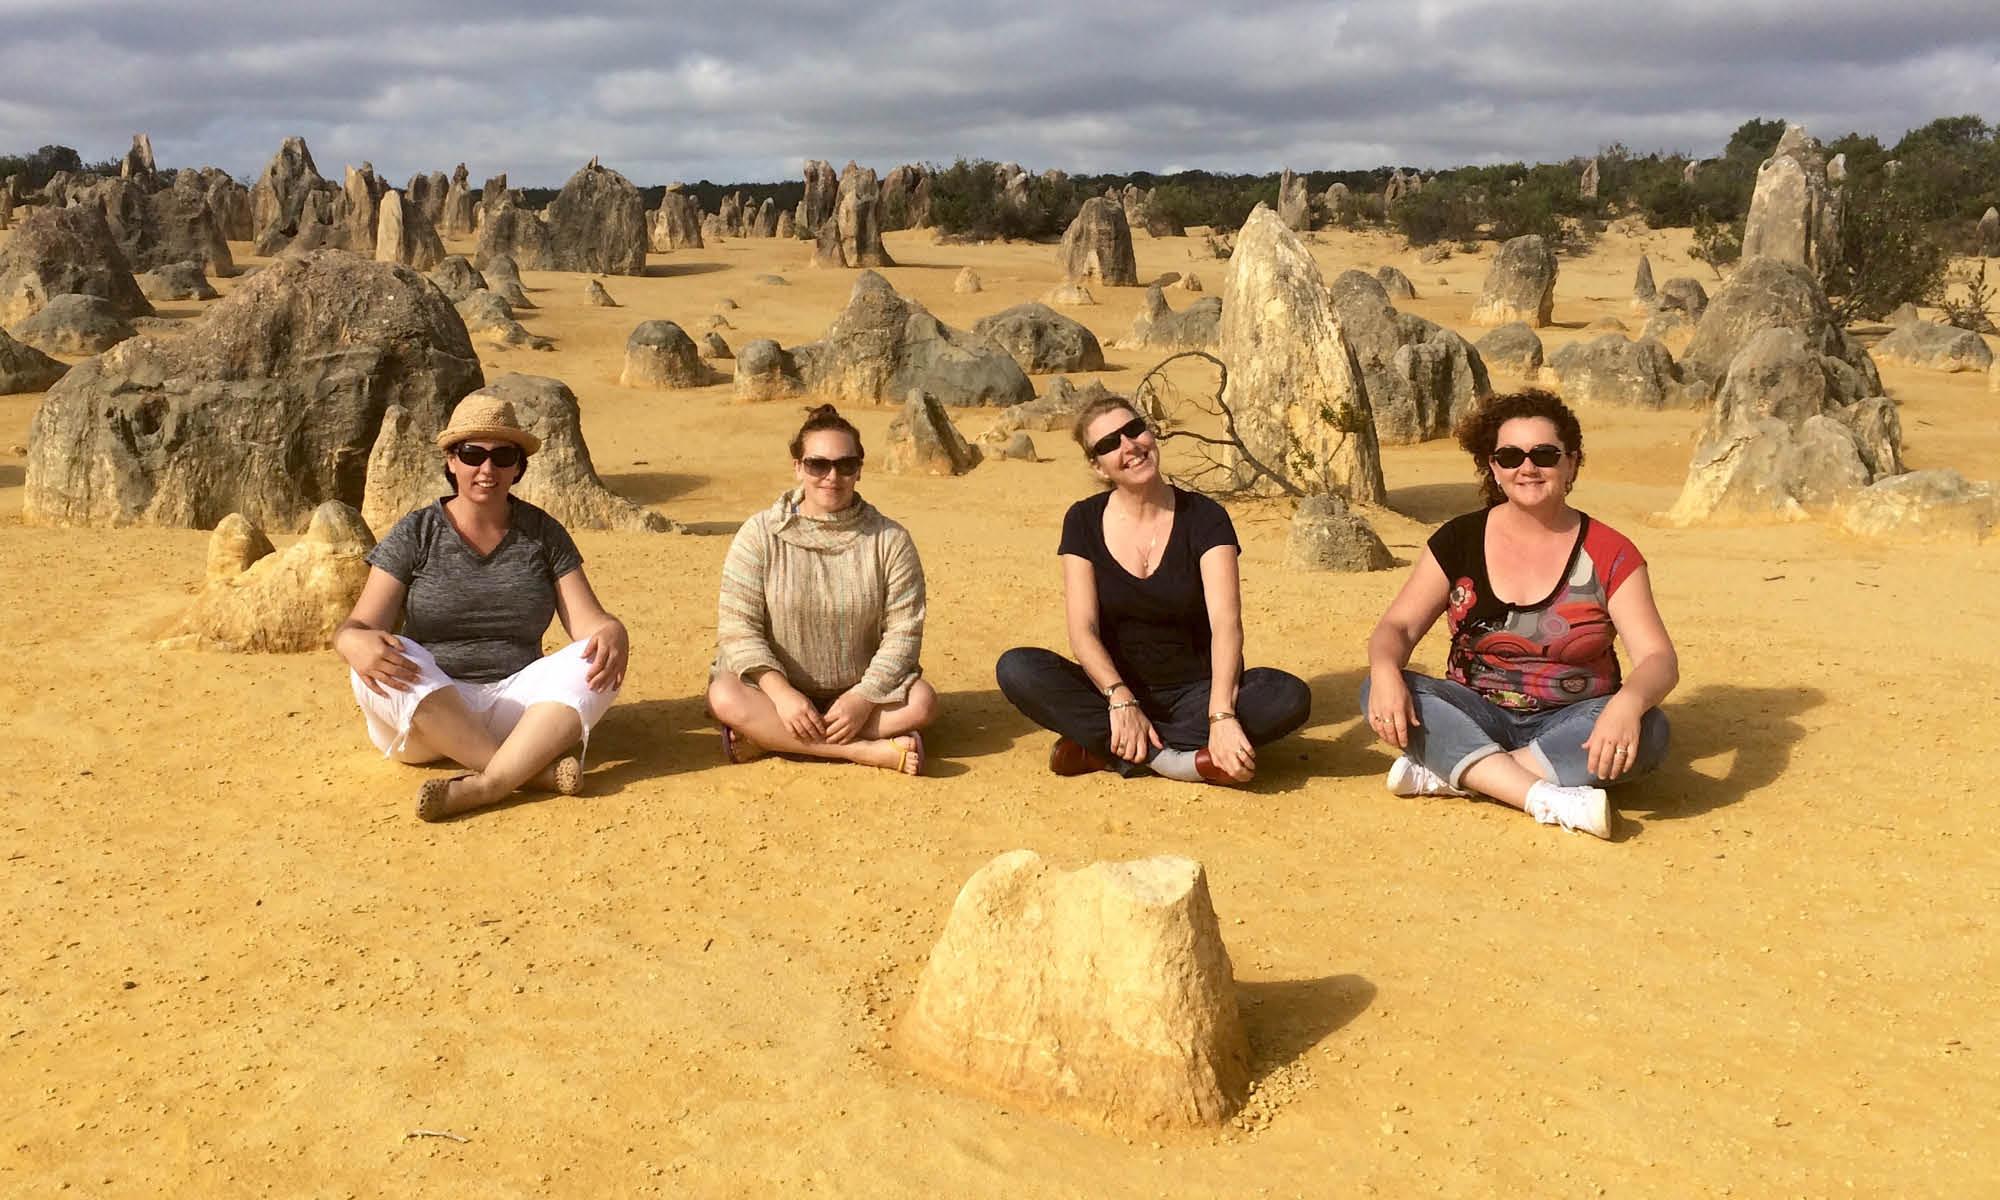 Why these four women did a nudie run through the Pinnacles